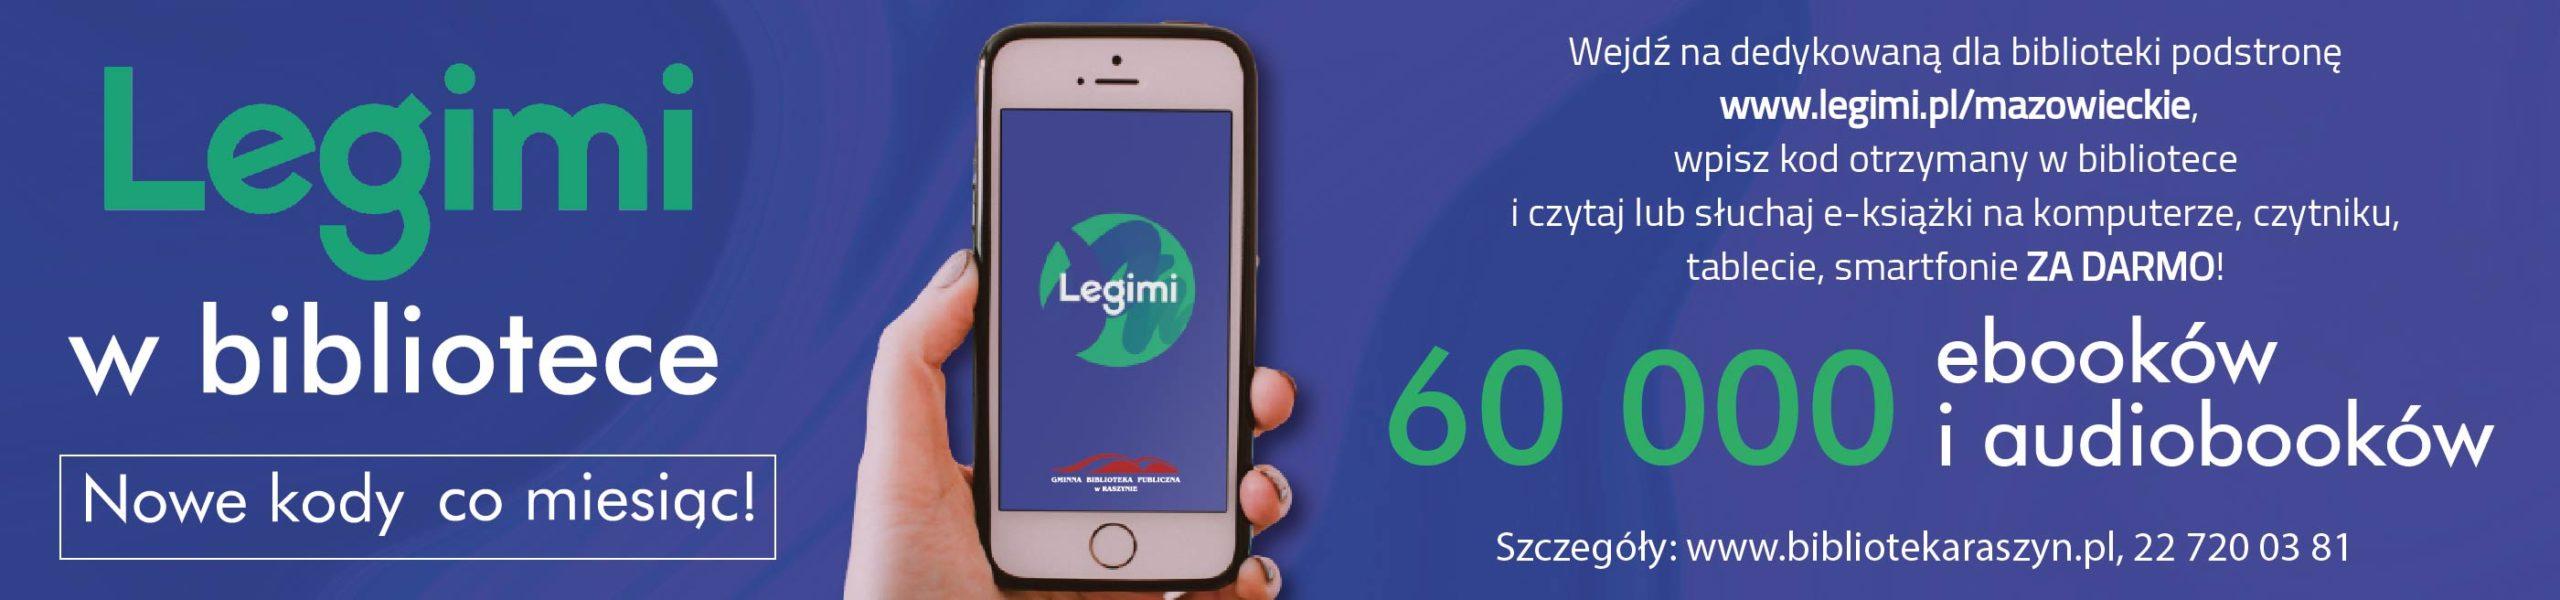 legimi-2021